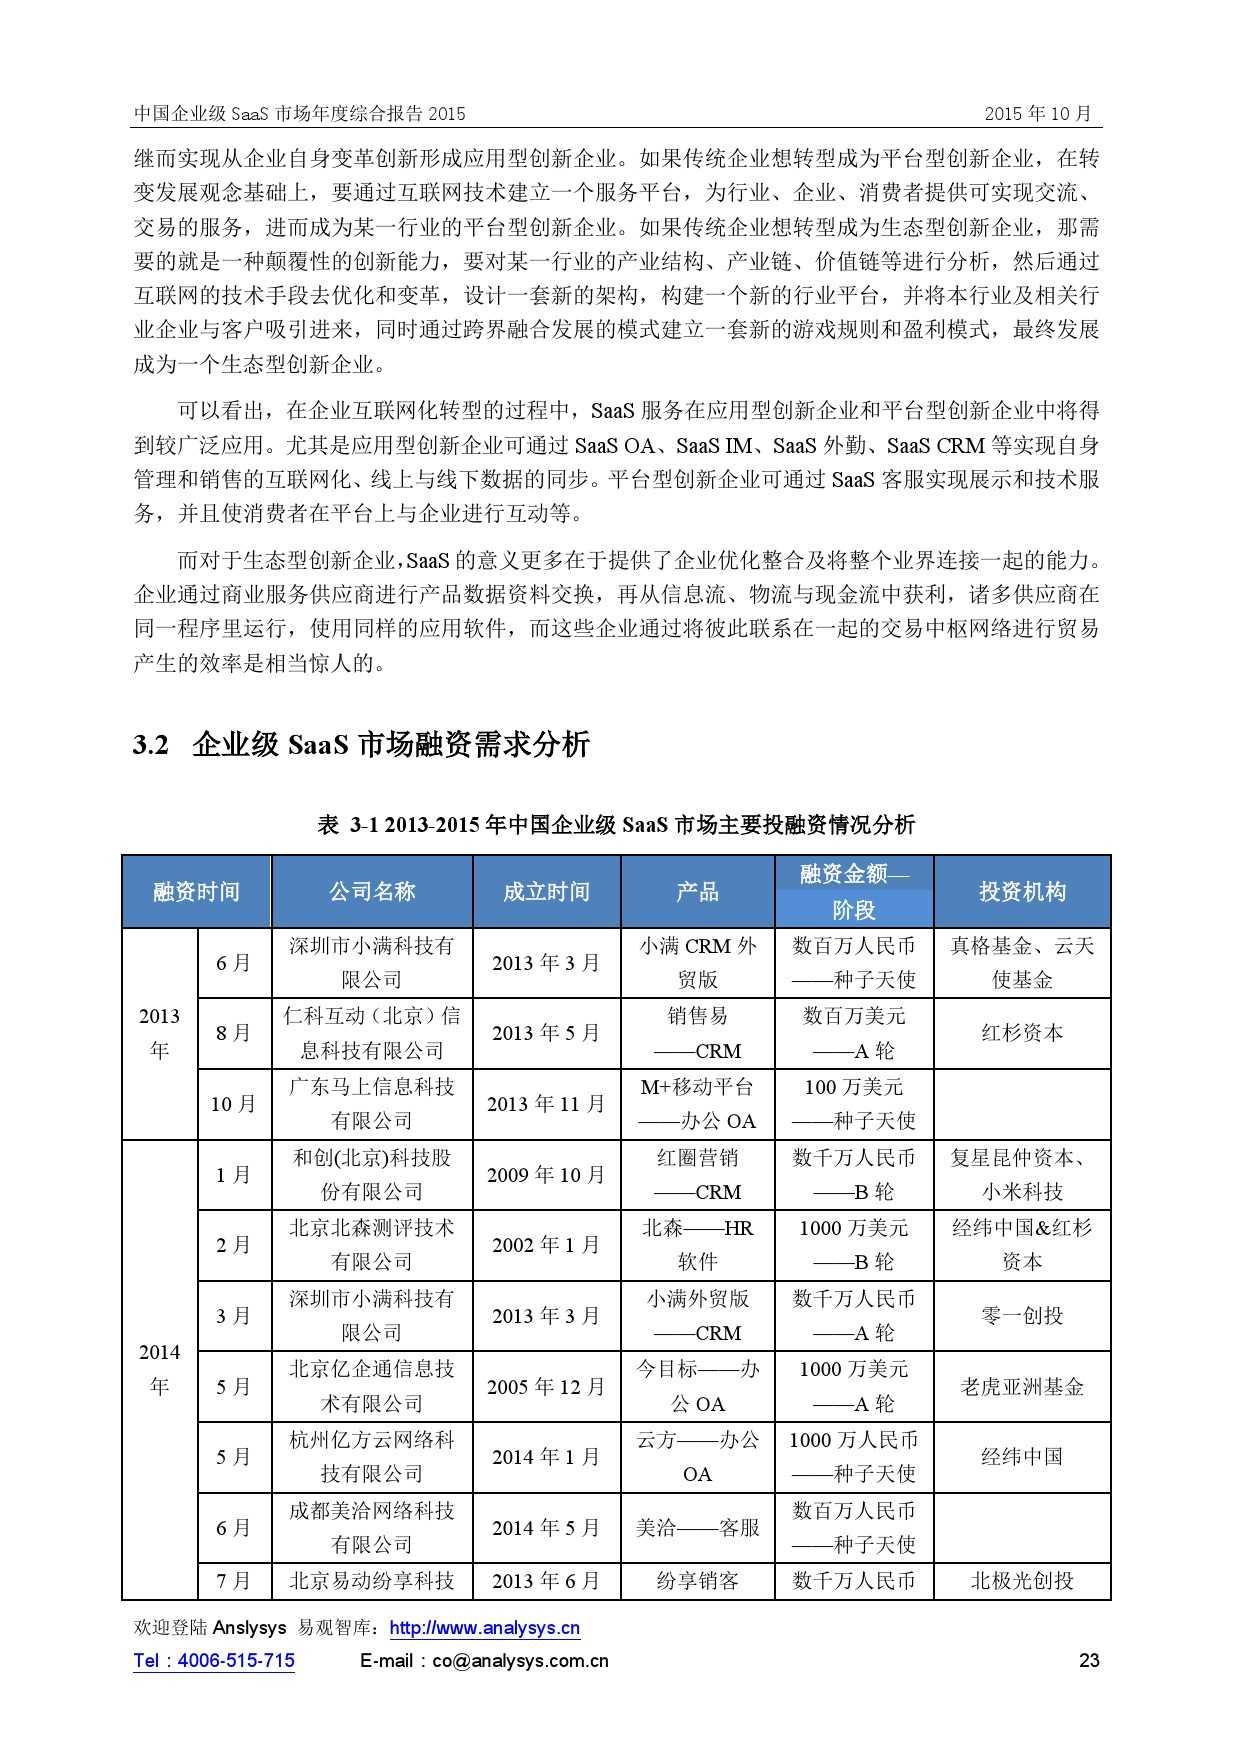 中国企业级SaaS市场年度综合报告2015 01_000023